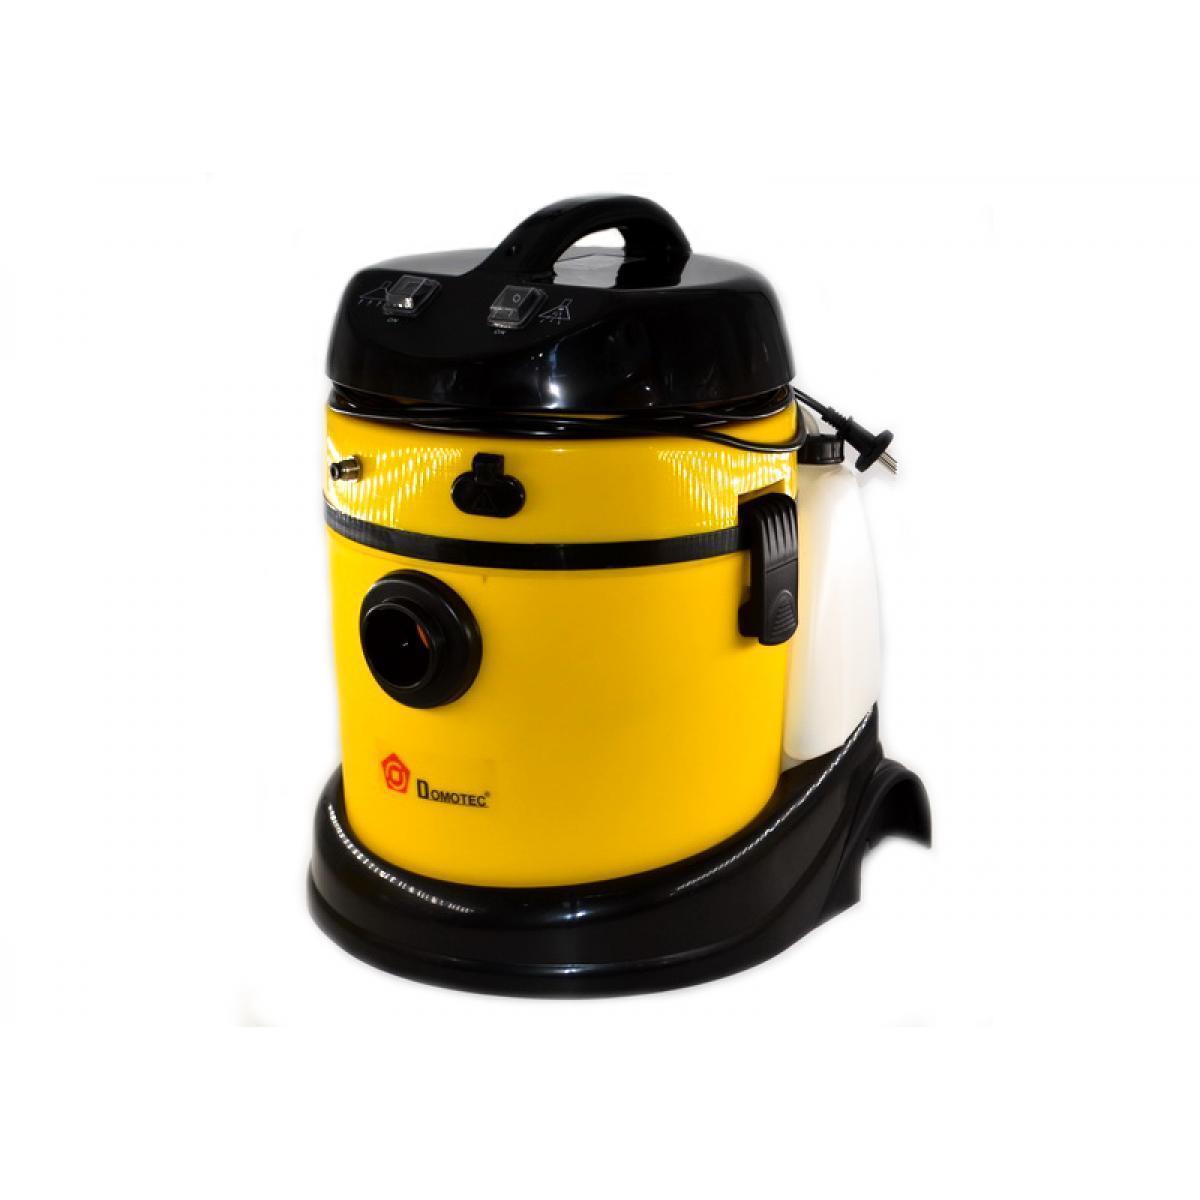 Универсальный промышленный моющий пылесос Domotec MS-4412 2000W